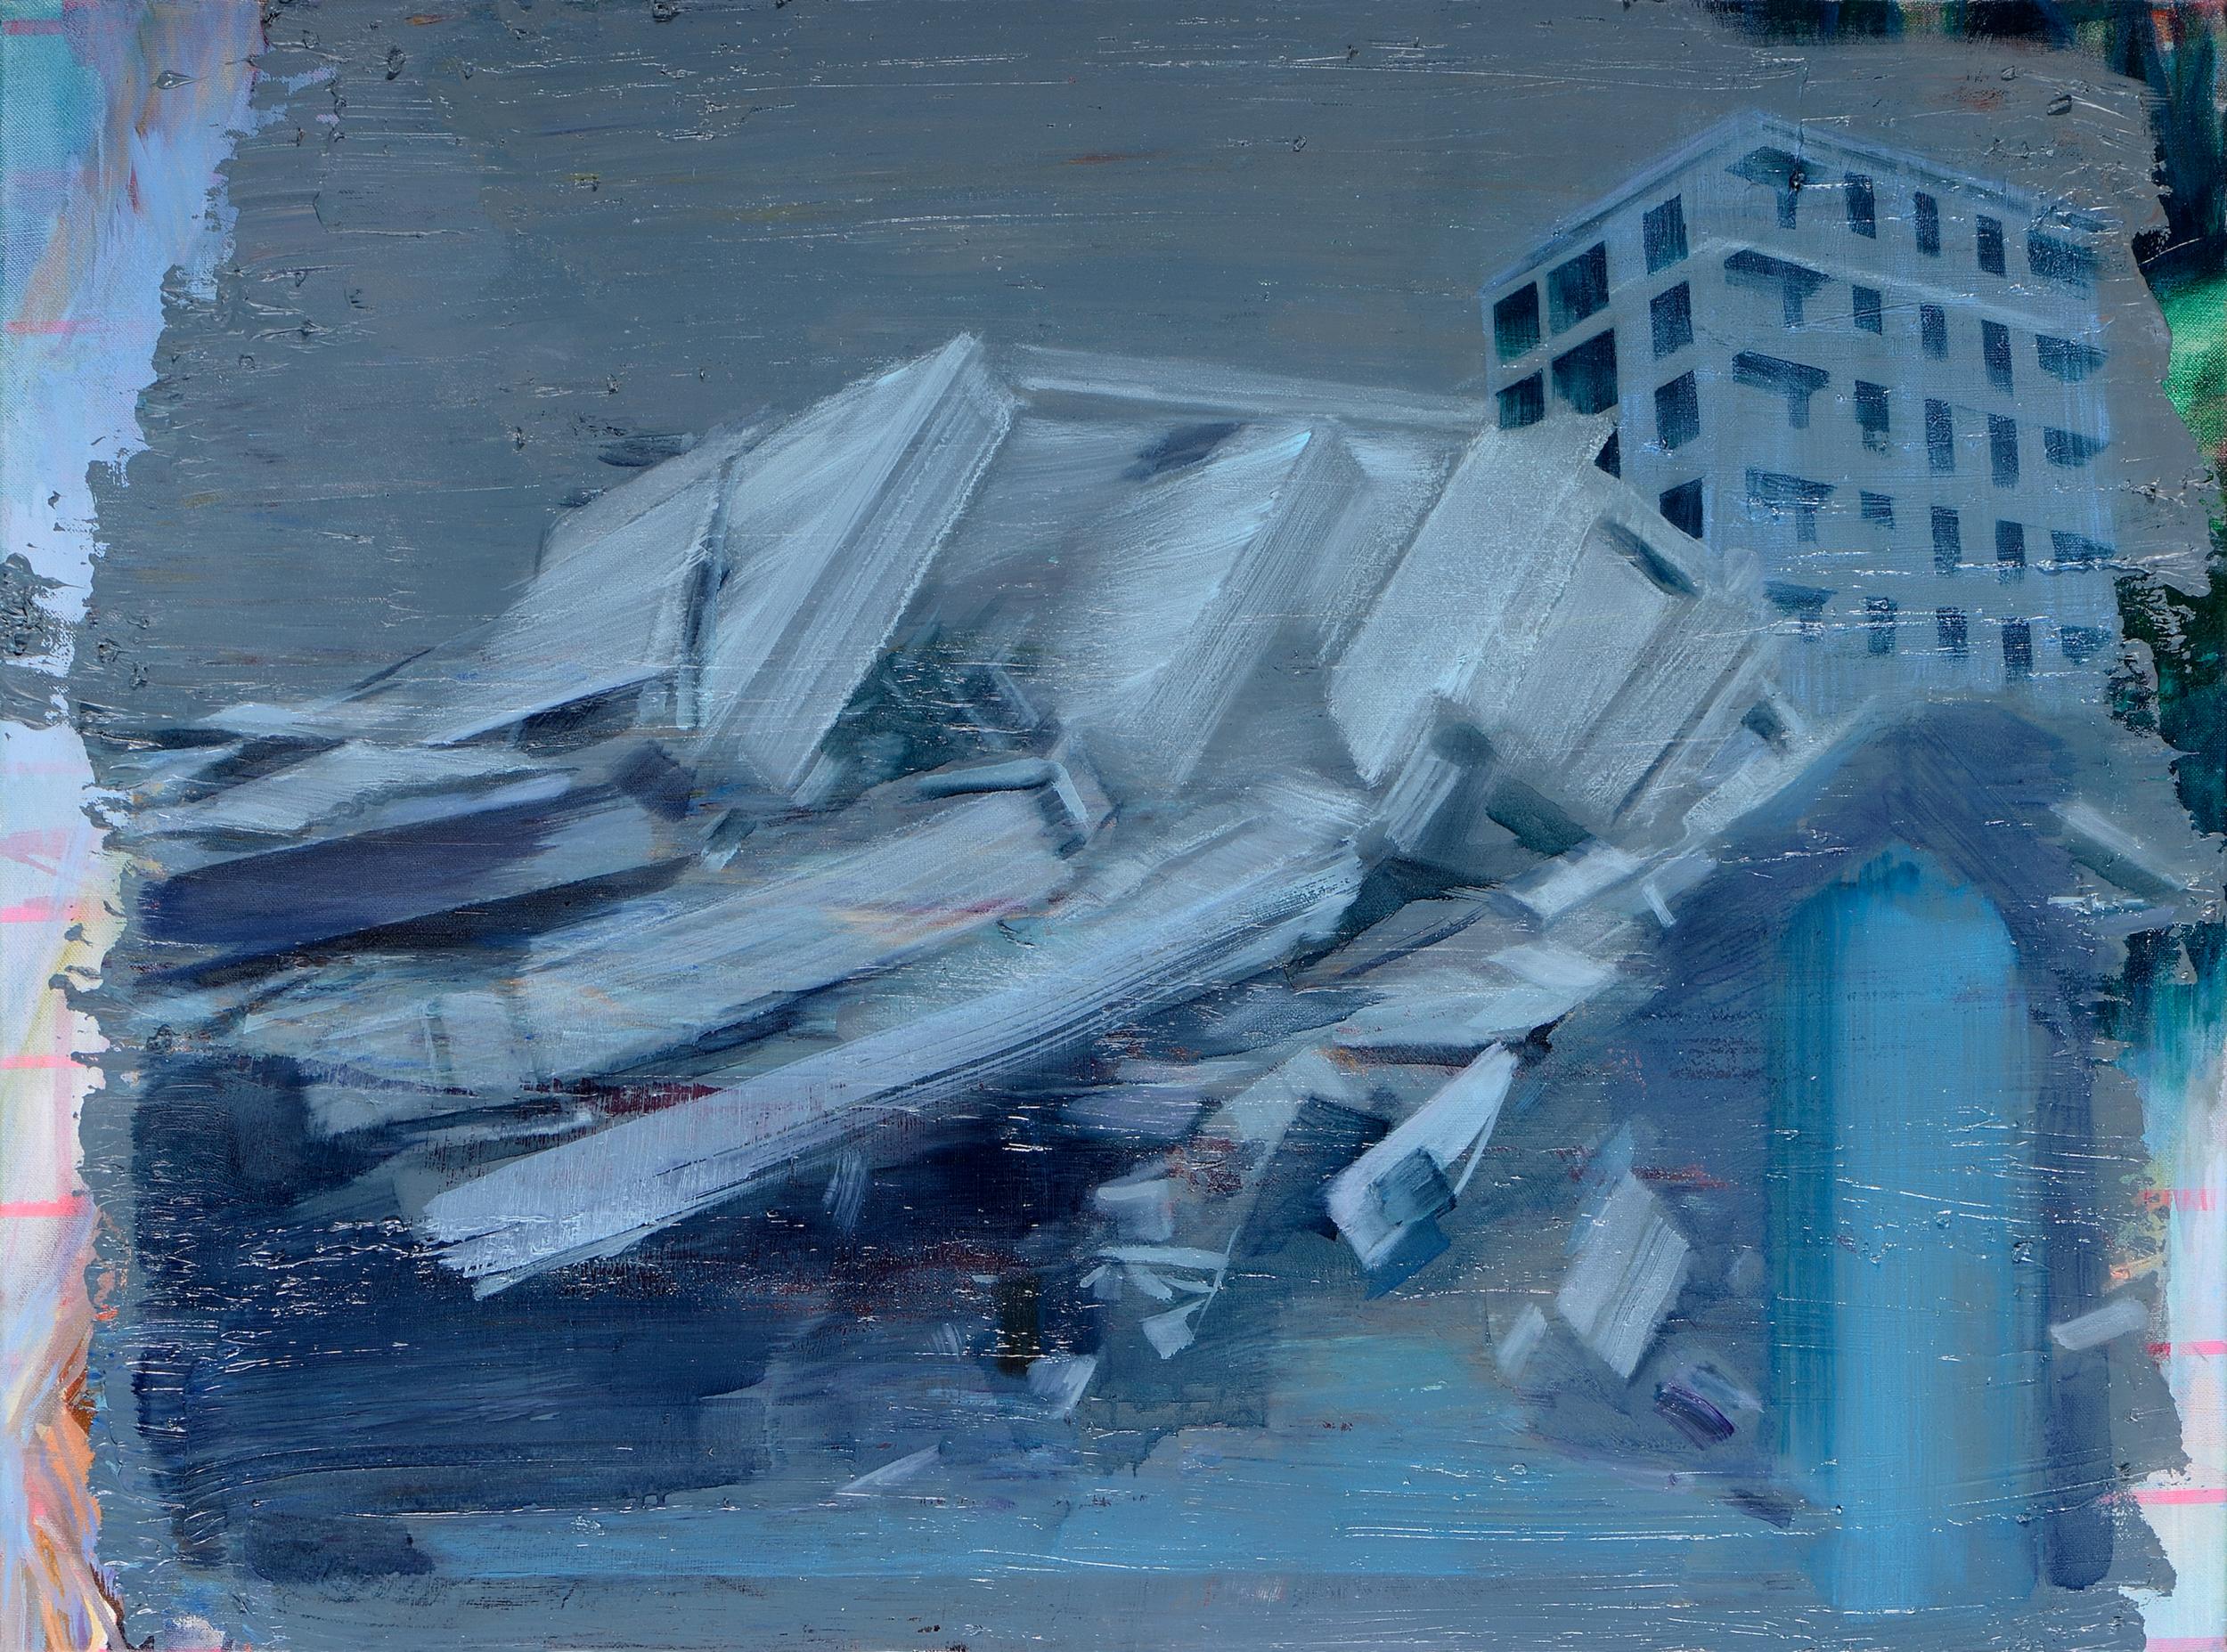 Einstürzende Neubauten (Time Piece) , 2012, oil on canvas, 60 x 81cm